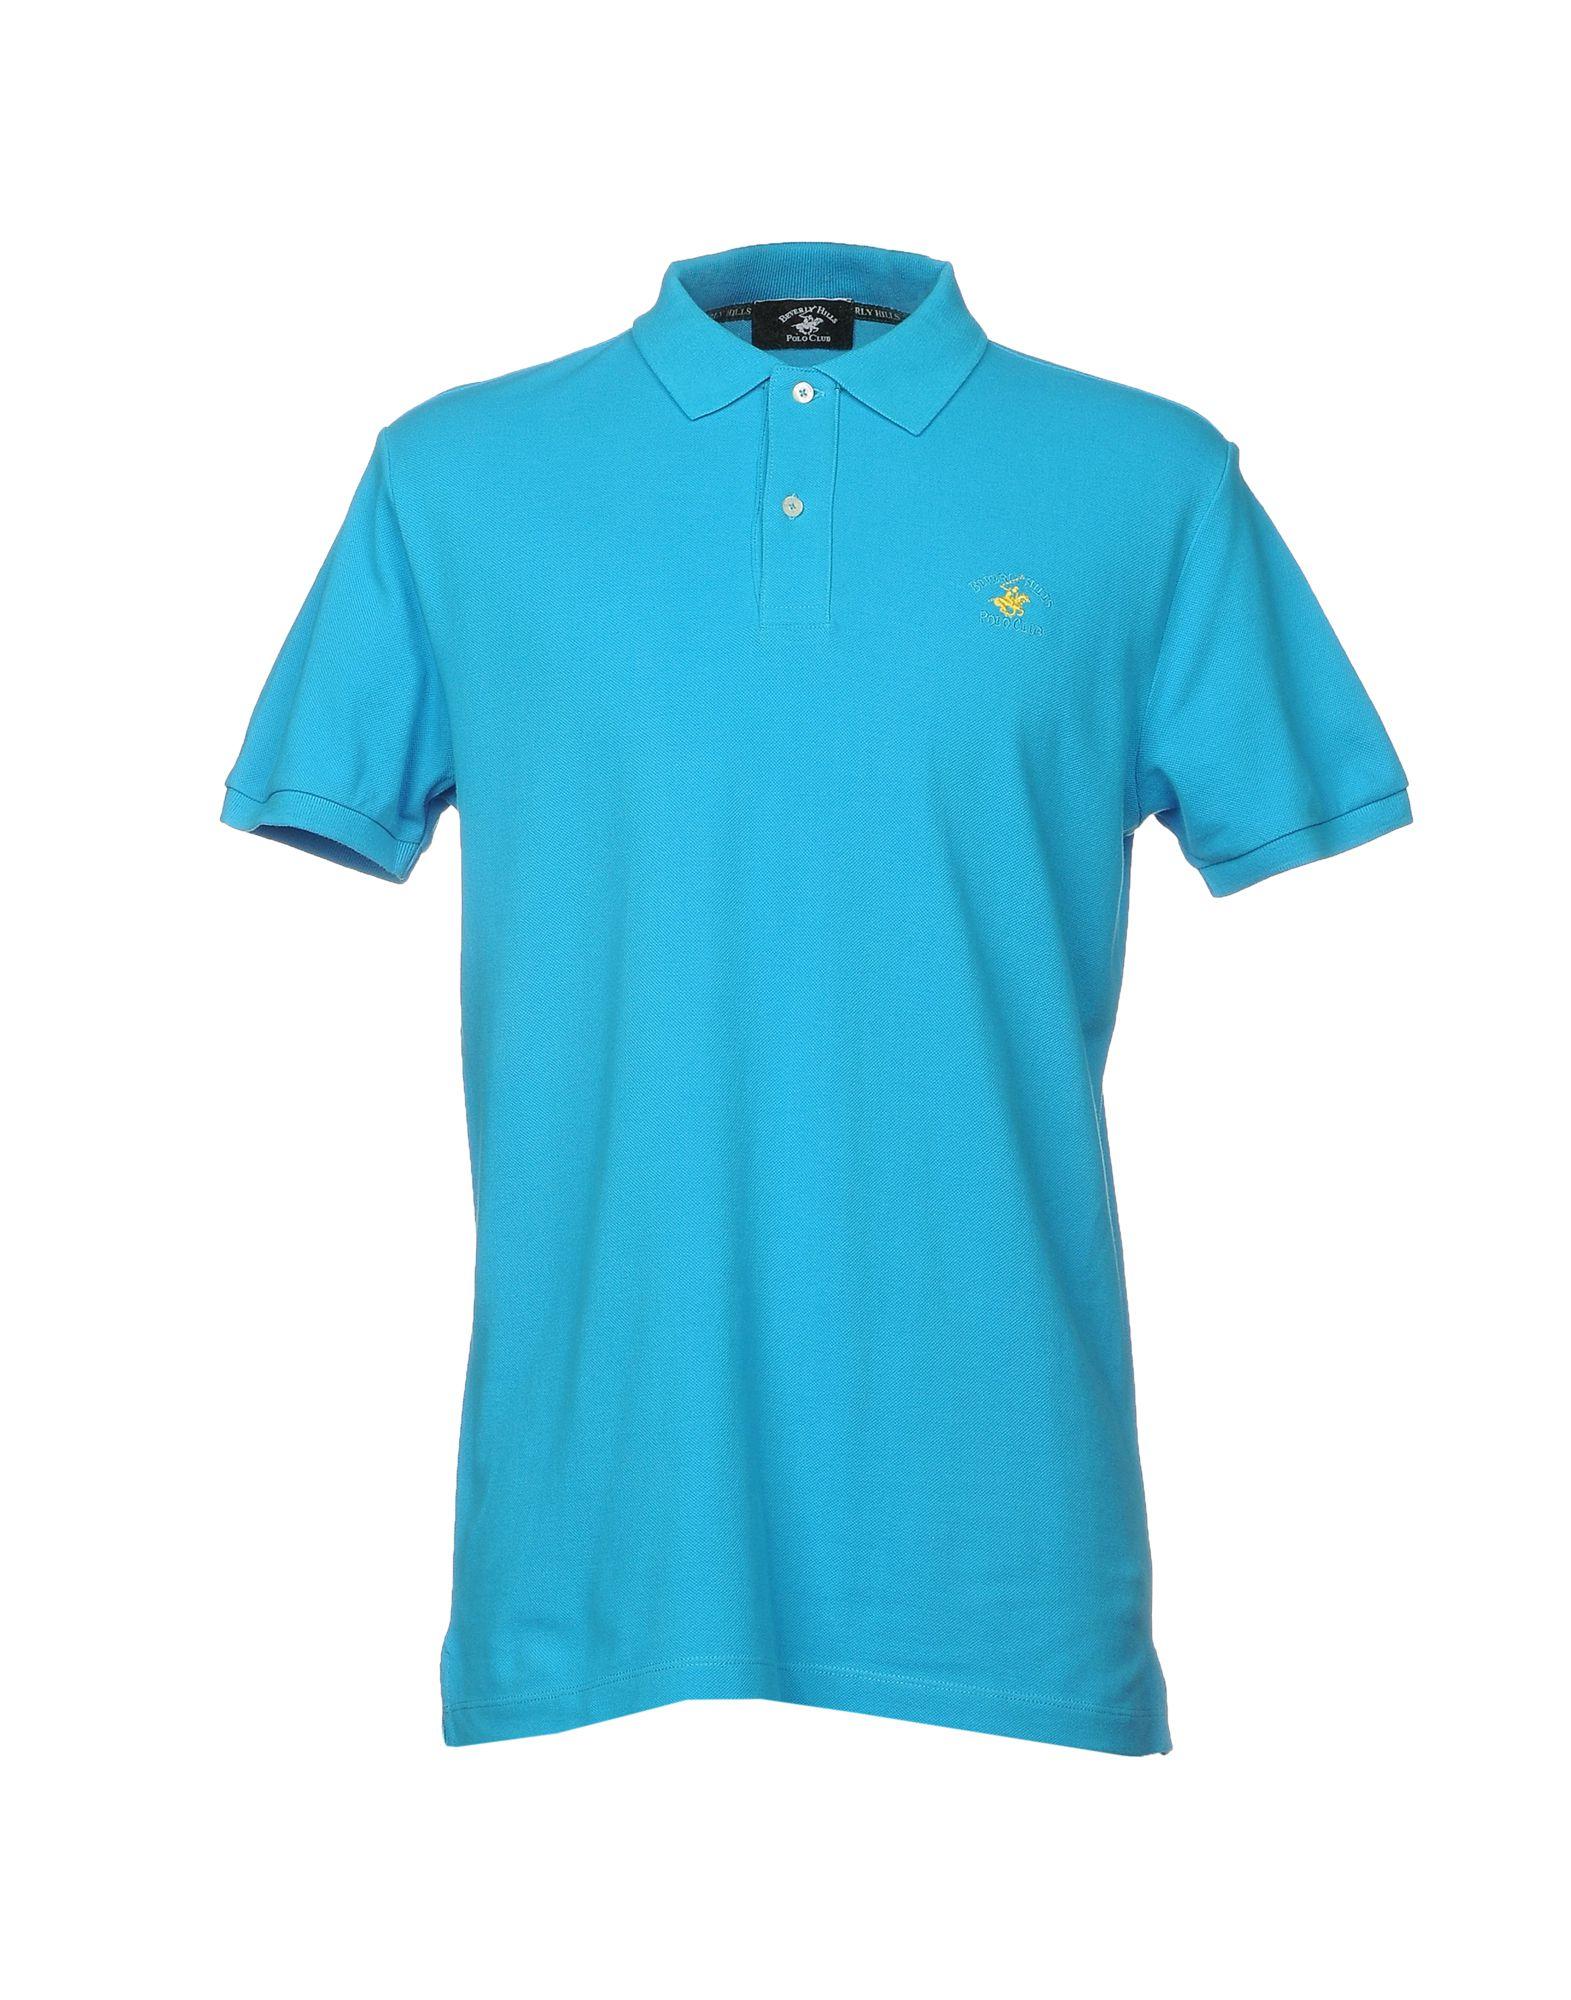 《送料無料》BEVERLY HILLS POLO CLUB メンズ ポロシャツ アジュールブルー XS コットン 100%